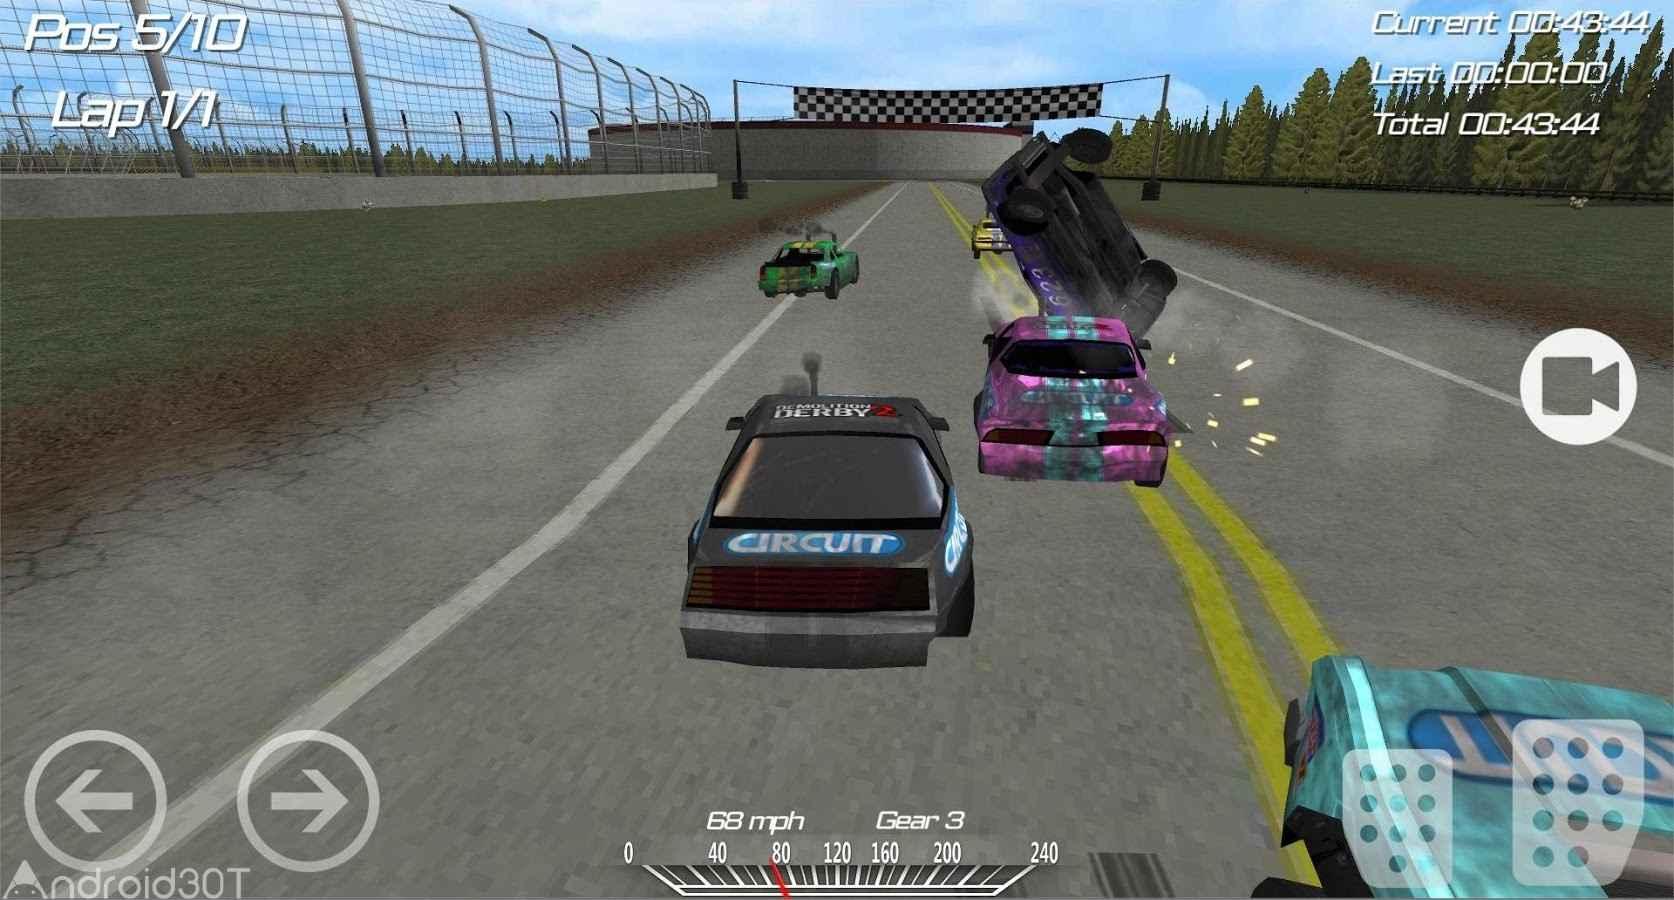 دانلود Demolition Derby 2 v1.3.60 – بازی جنگ اتومبیل با رقبا ۲ اندروید